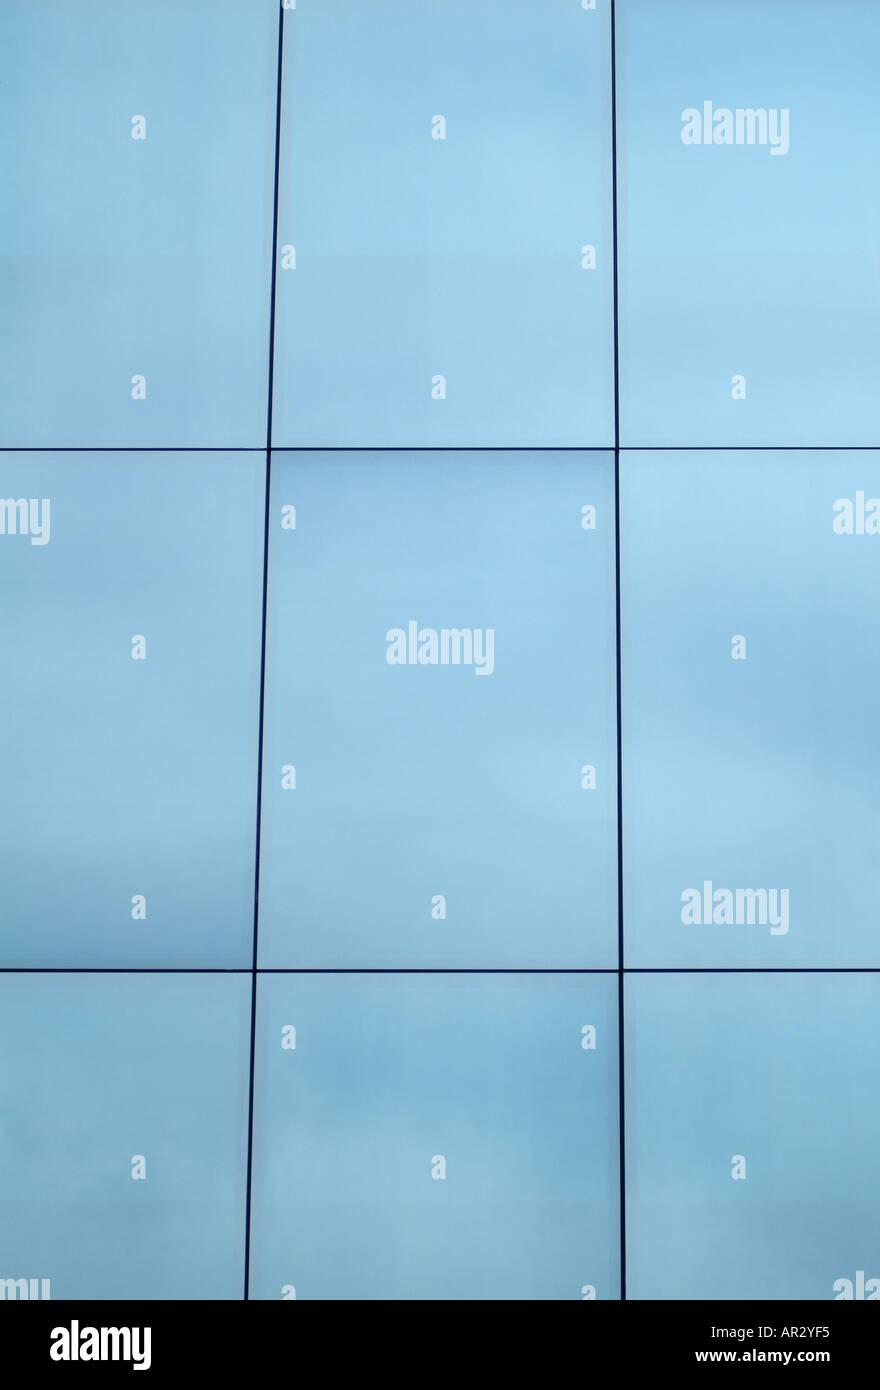 Verspiegeltes Glas Fenster verspiegeltes glasfenster eines bürogebäudes, hautnah stockfoto